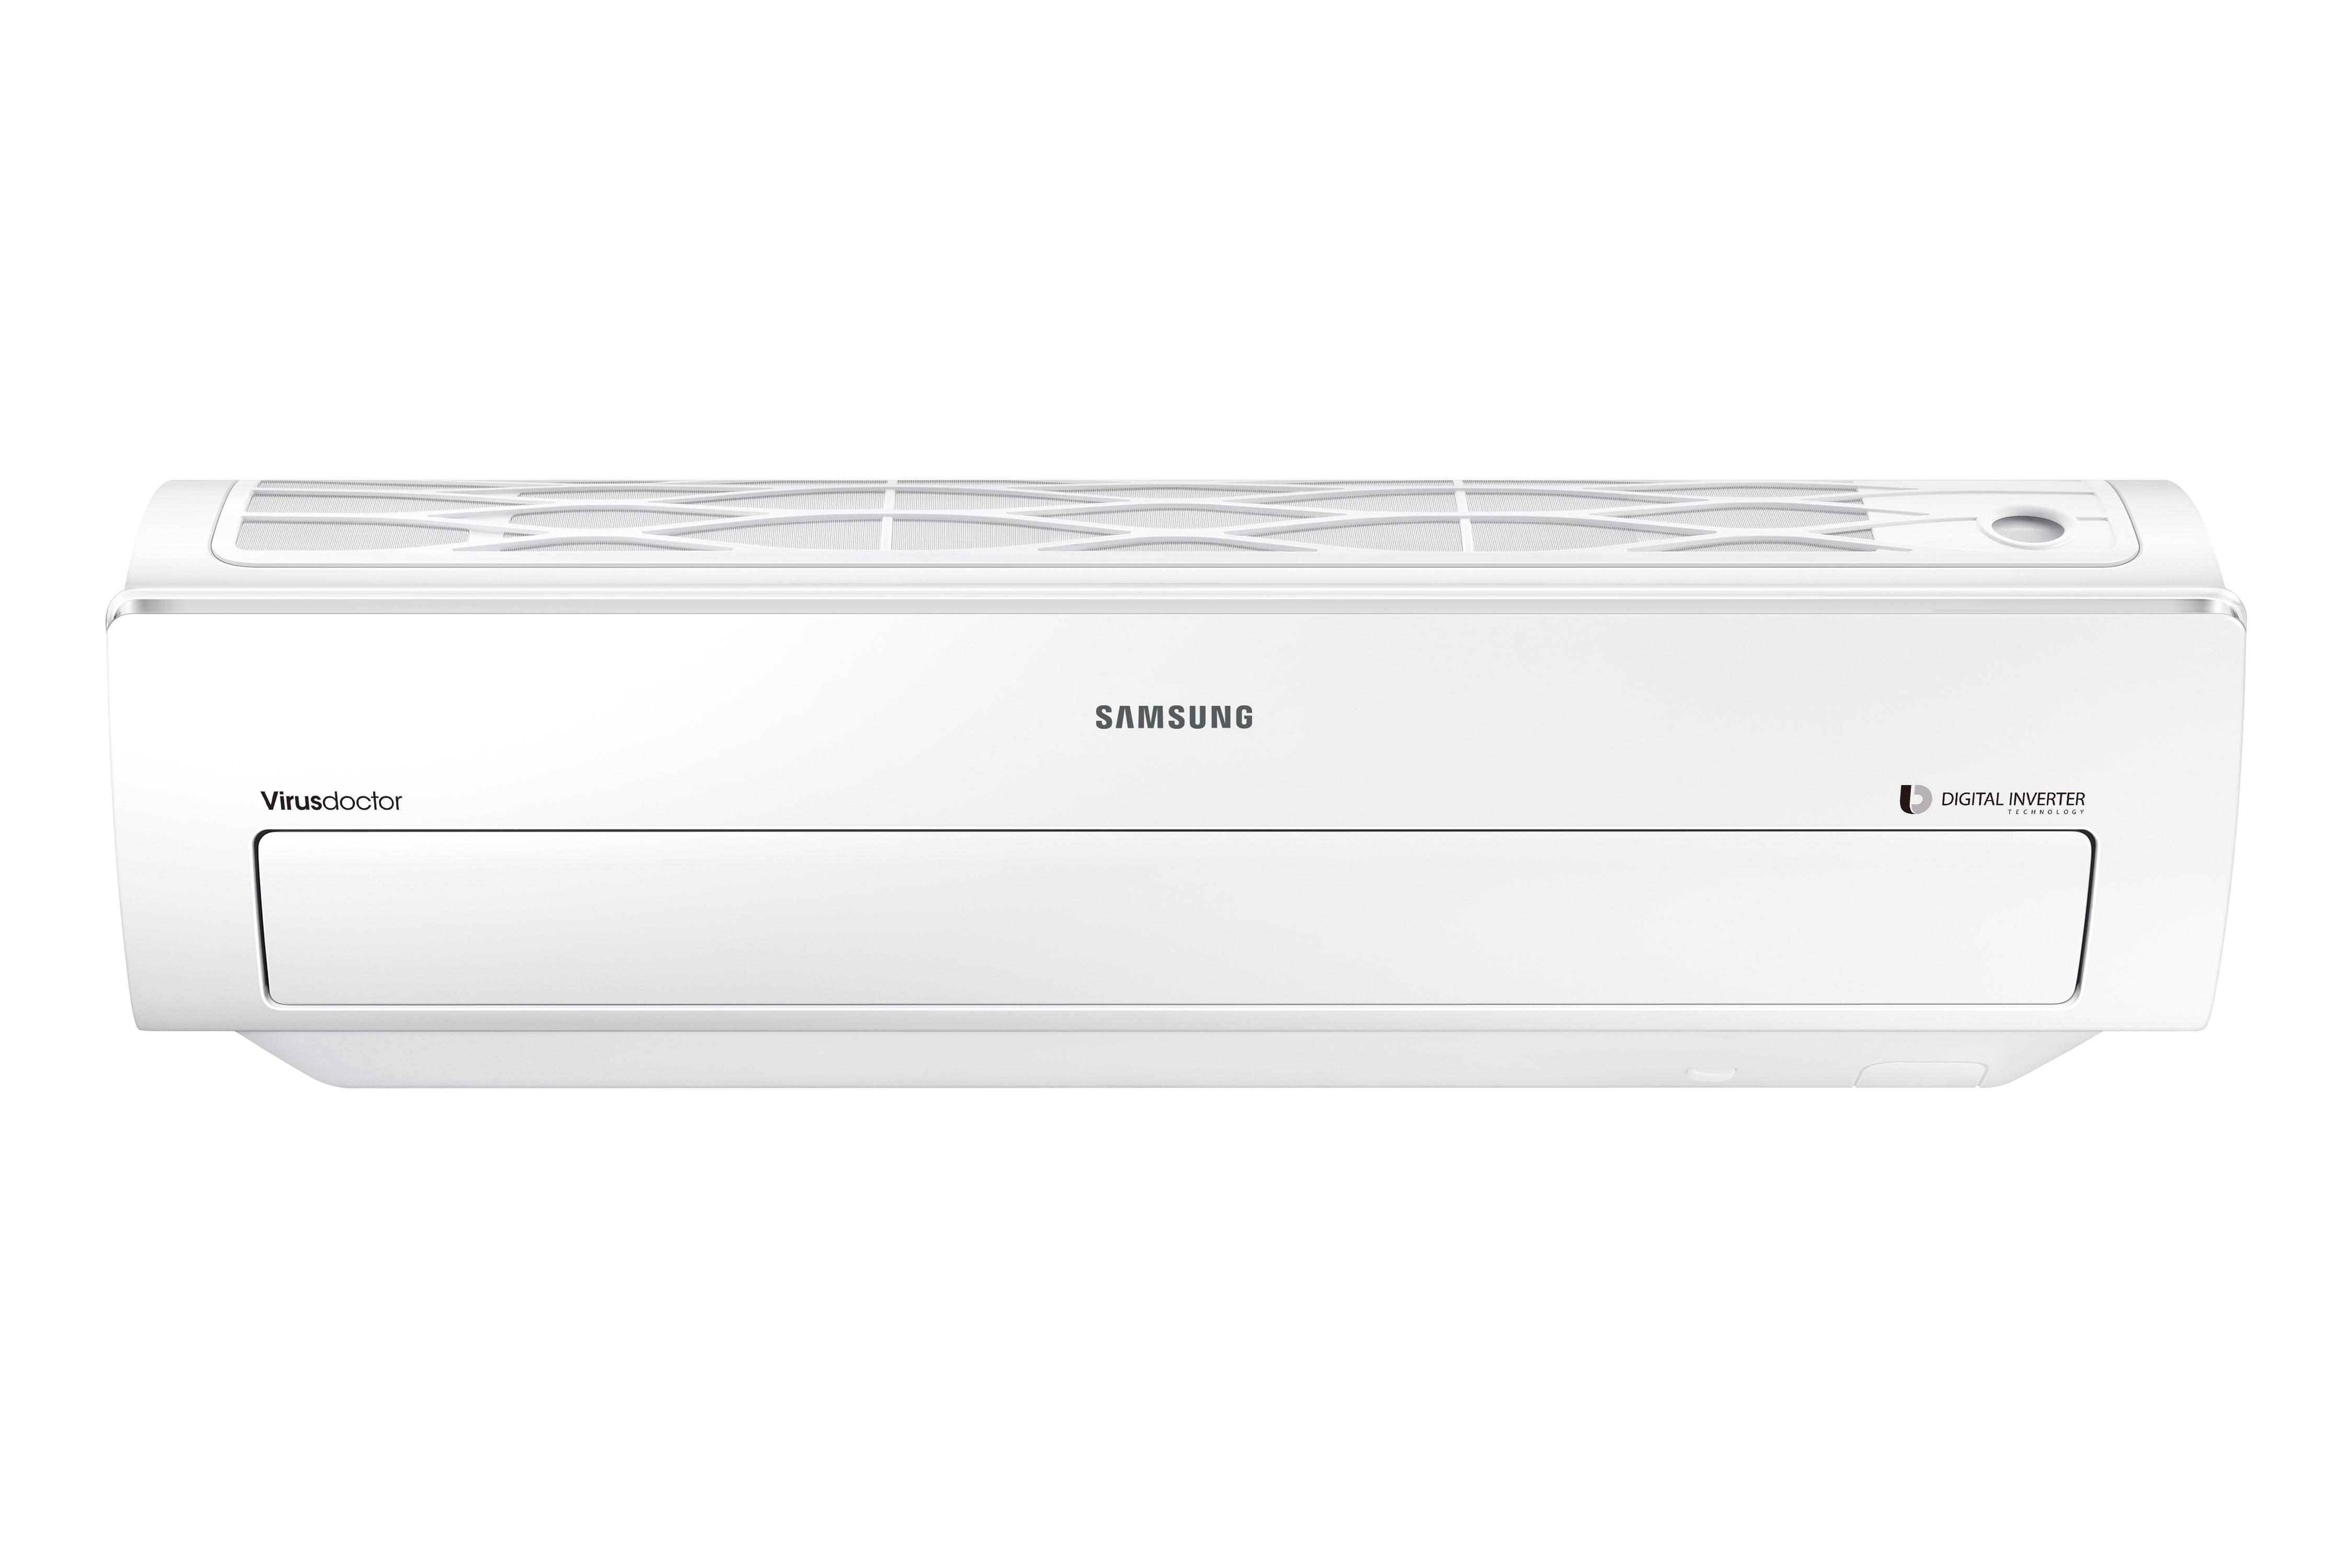 벽걸이에어컨 냉난방 AR11K5190HVN, 화이트 (사용면적 : 38.2 ㎡)